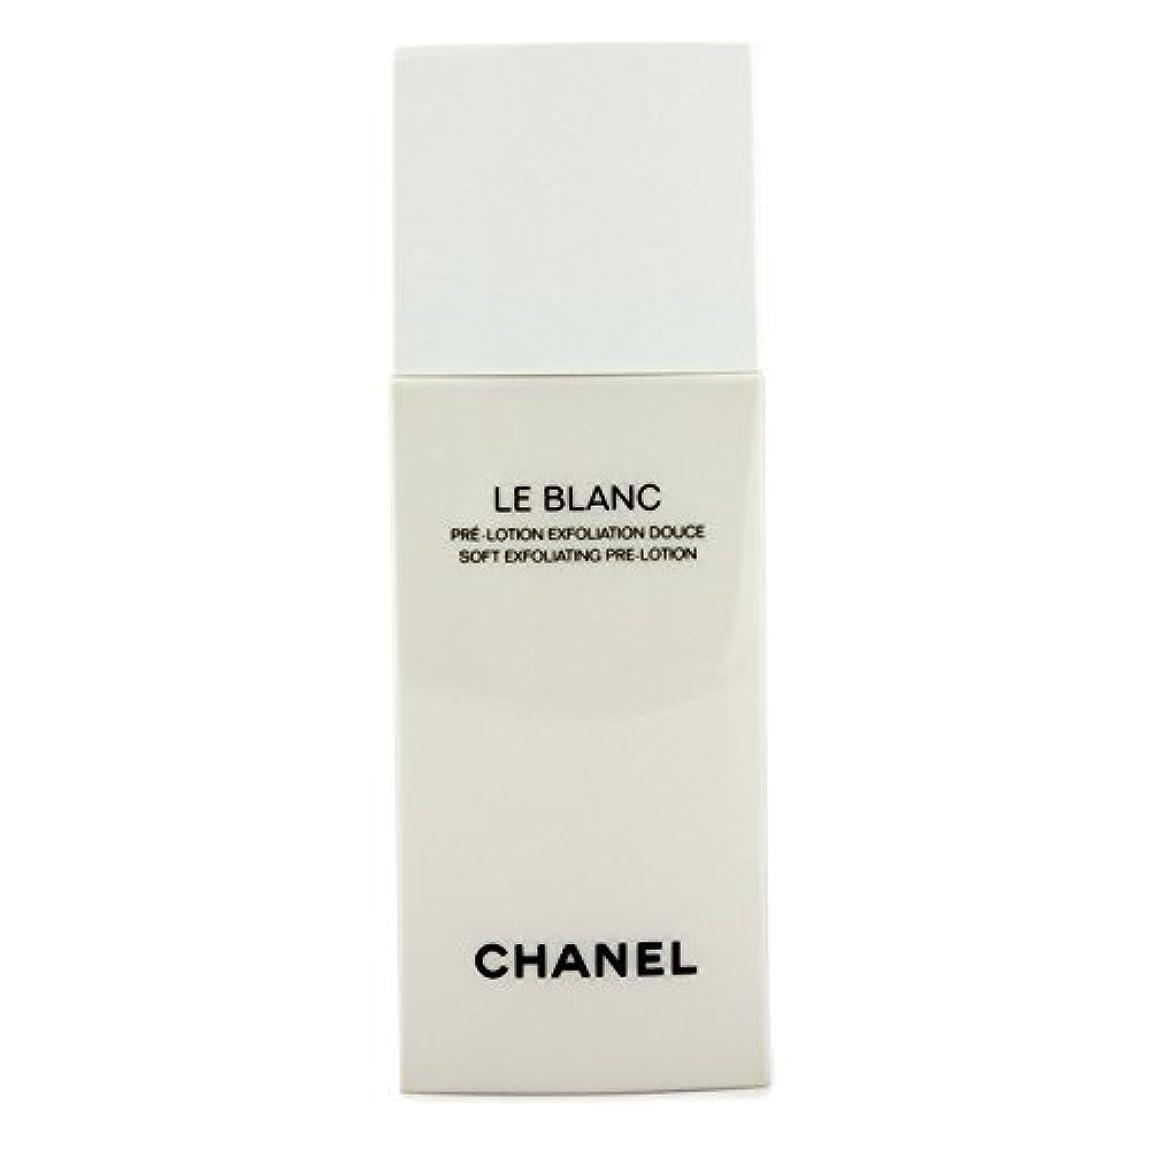 報酬の値薬を飲むシャネル ル ブラン プレローション 150ml